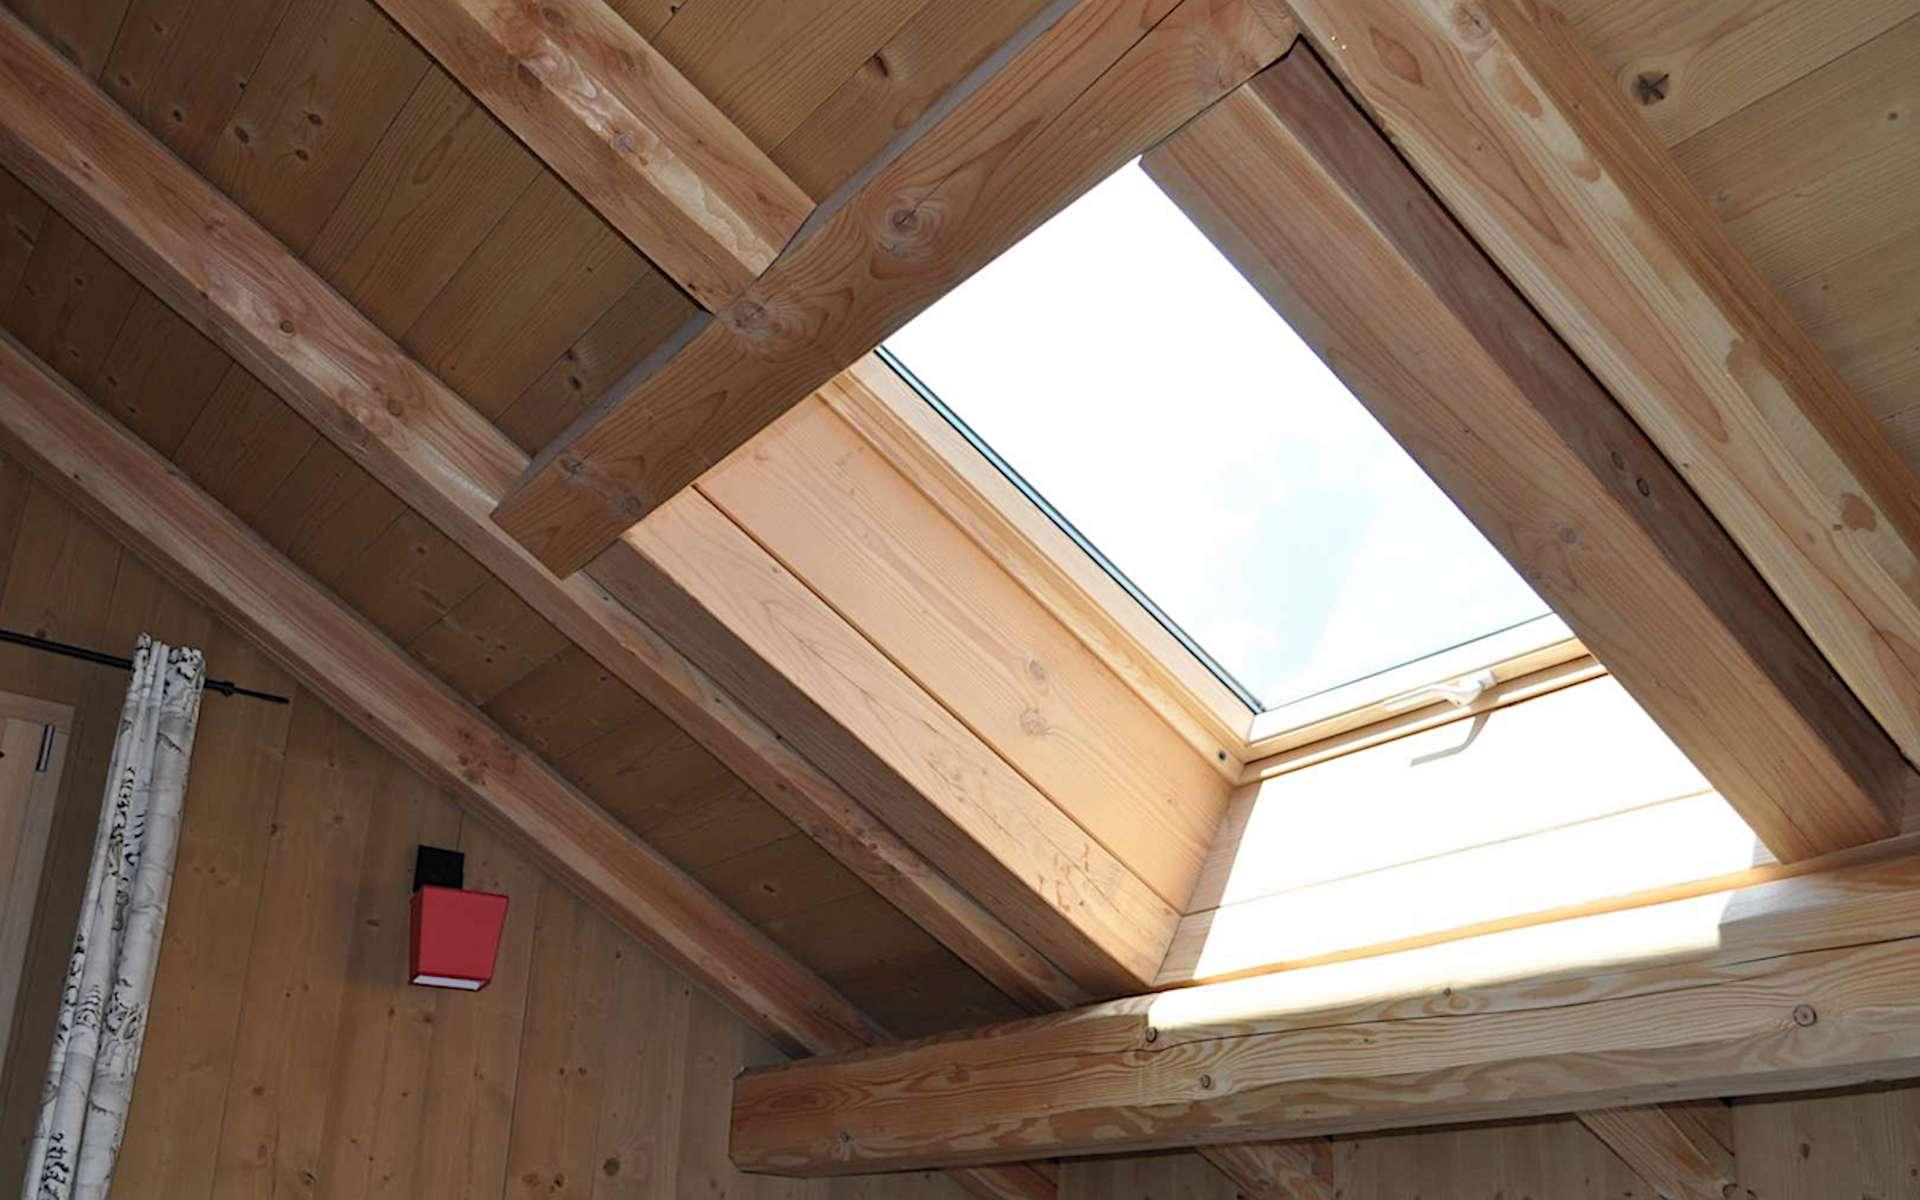 Chevêtre de trémie pour fenêtre de toit. © Charpente et Menuiserie de l'Oisans